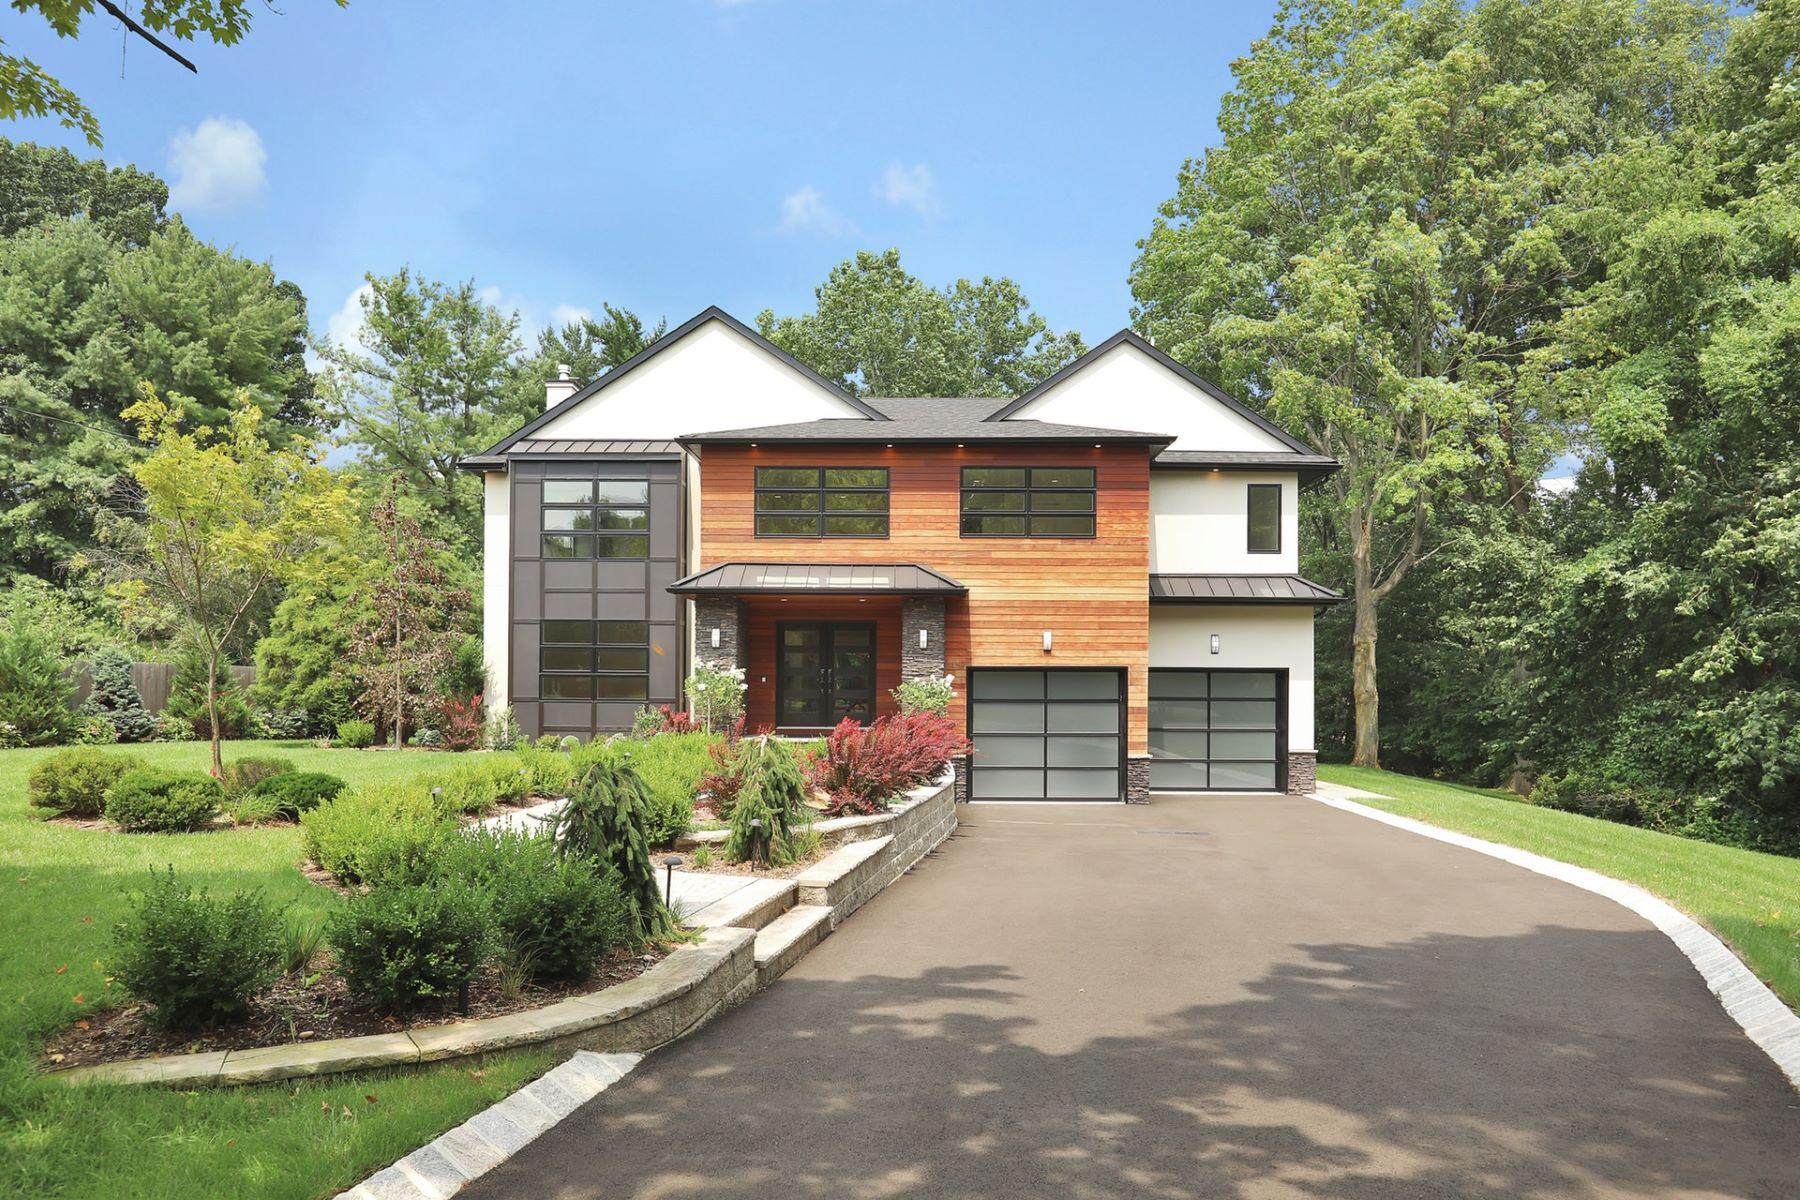 Casa para uma família para Venda às East Hill Smart Home 449 Ruckman Rd, Closter, Nova Jersey 07624 Estados Unidos